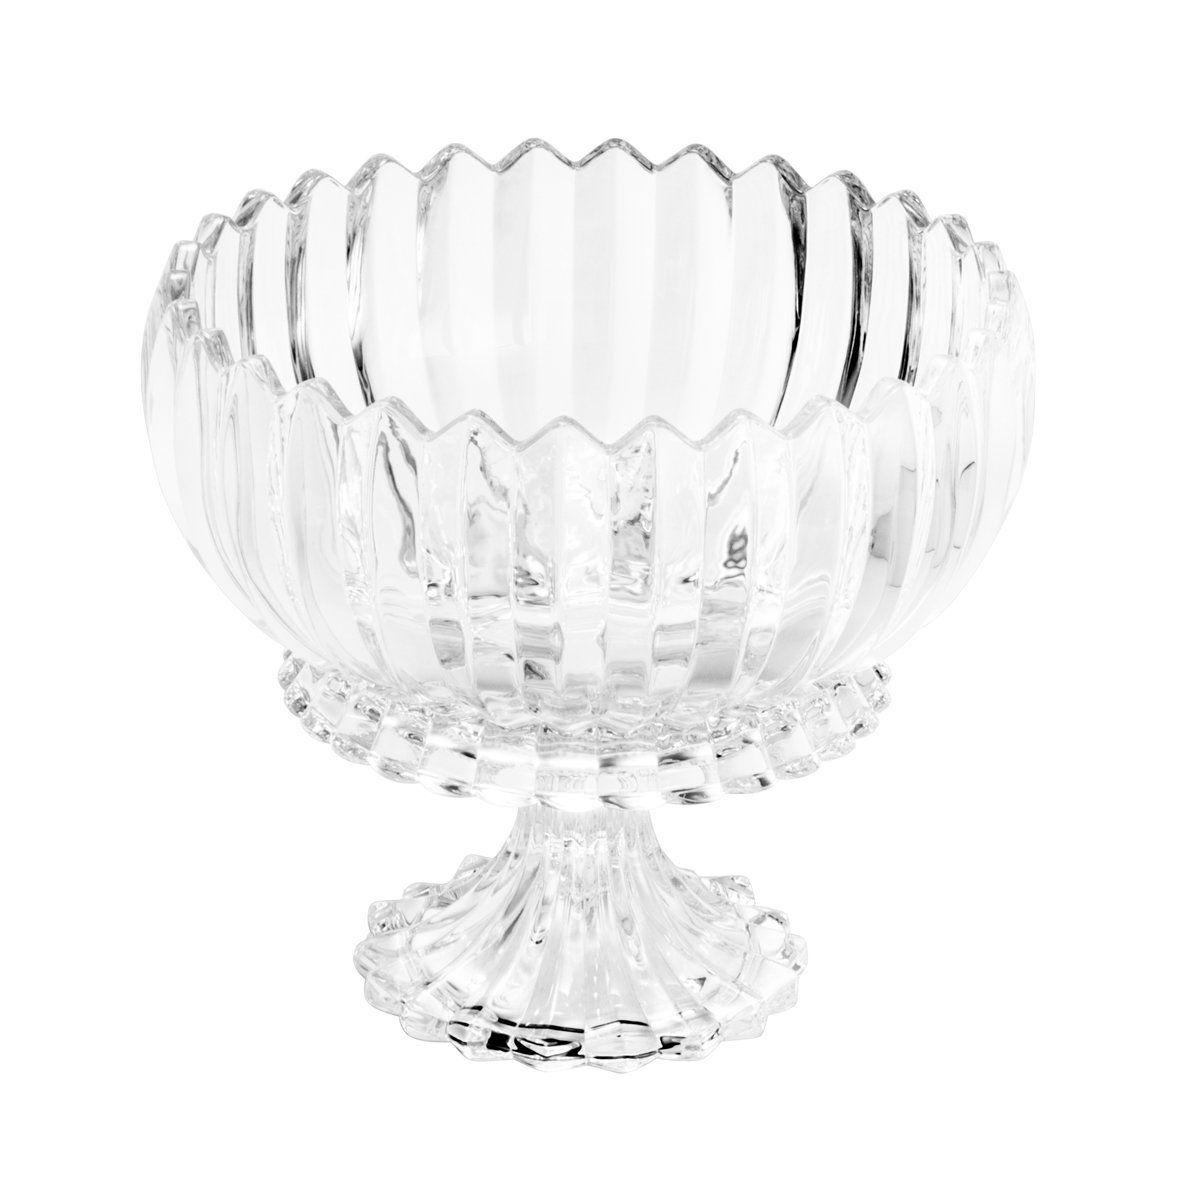 Fruteira 23,5 cm de cristal transparente com pé Geneva Wolff - 25528